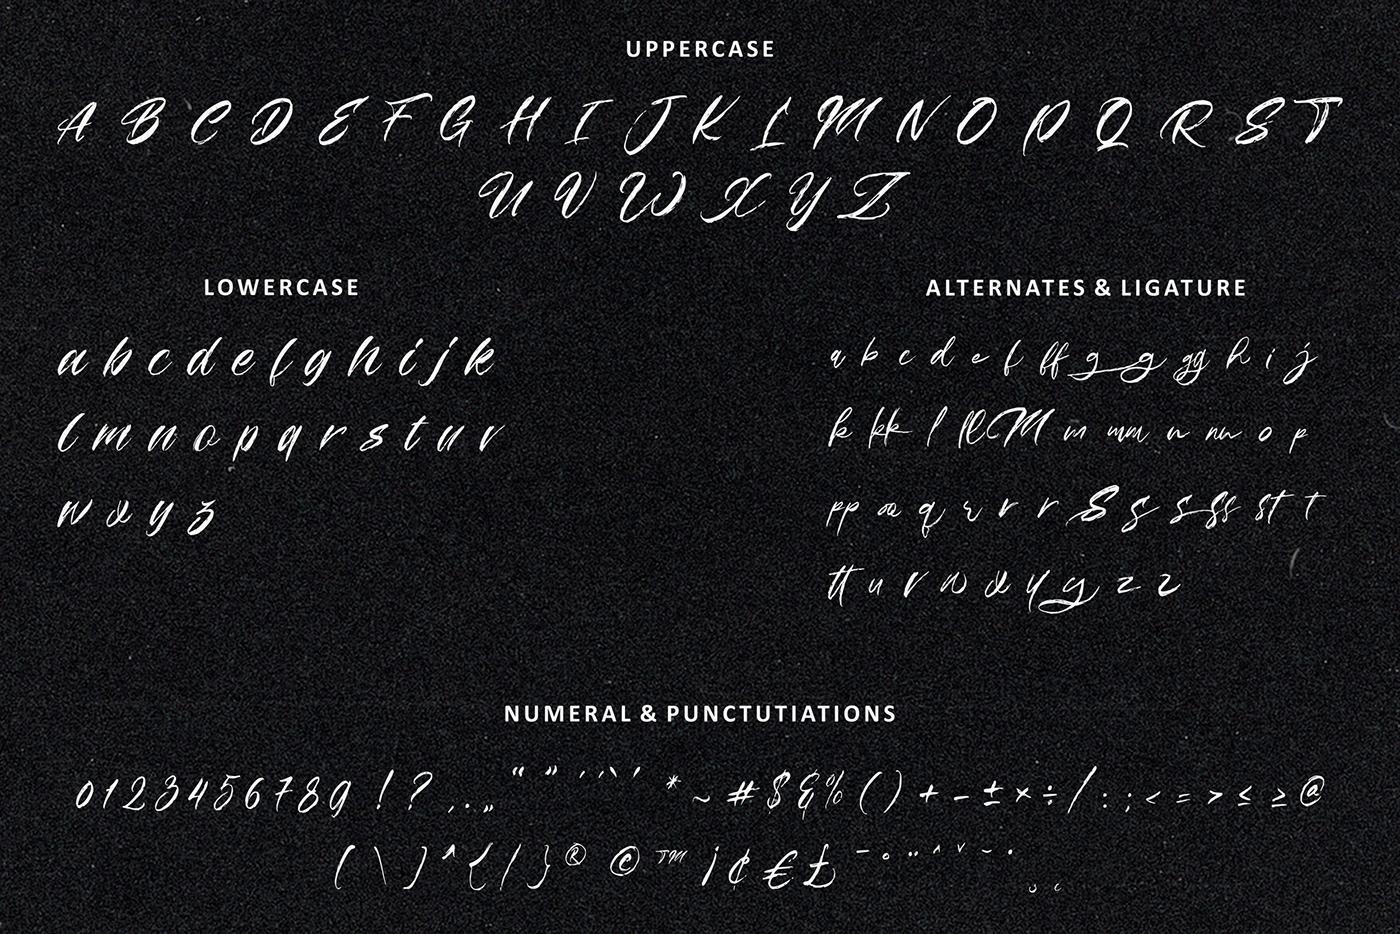 Image may contain: handwriting and menu